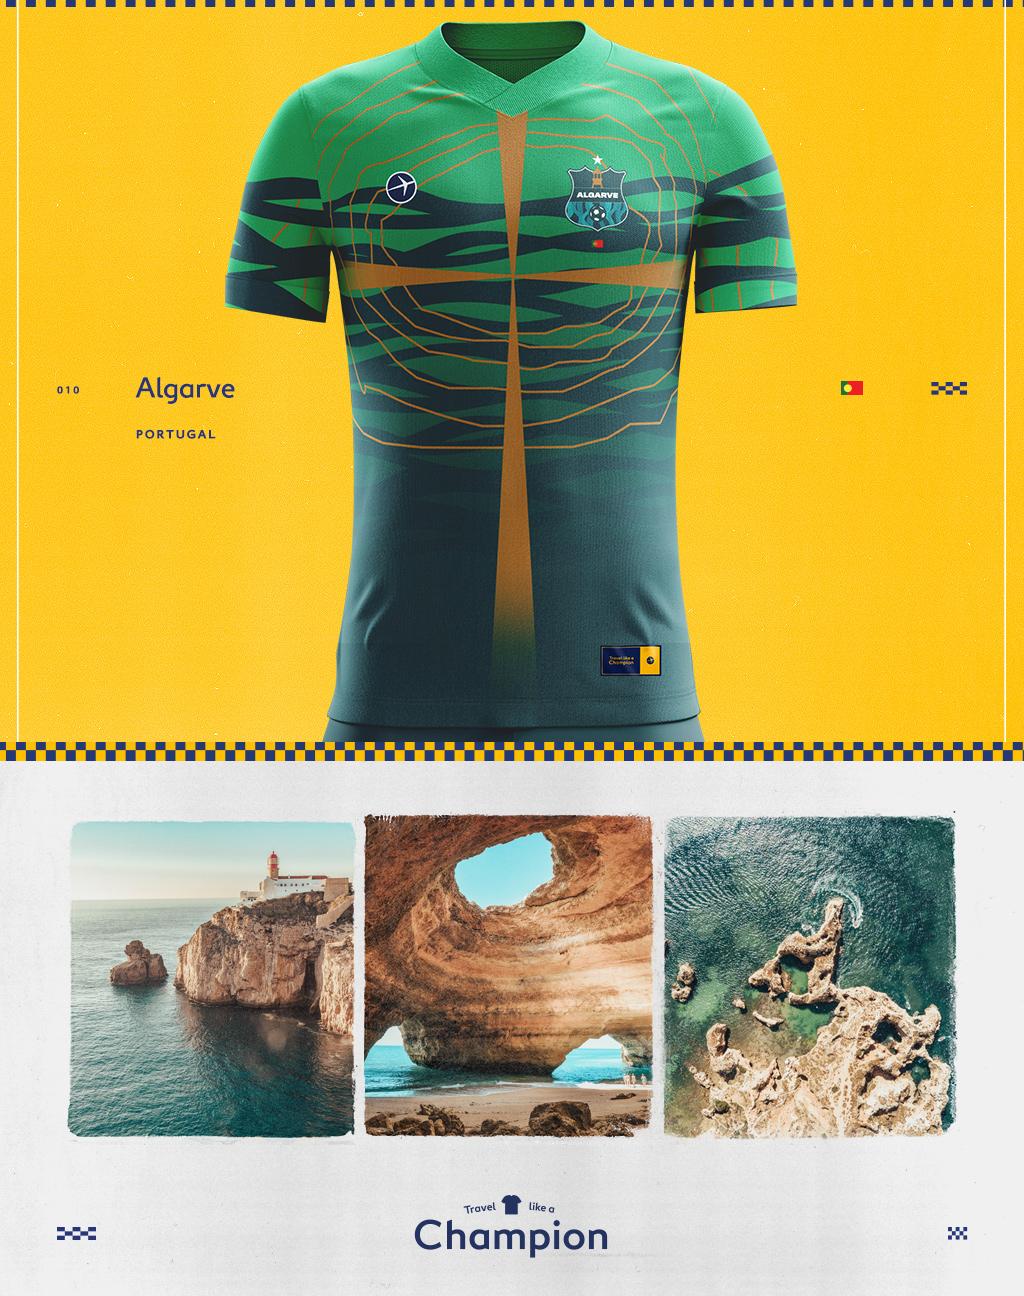 010-algarve-blog-article-1024x1296-de.jpg?1556231061